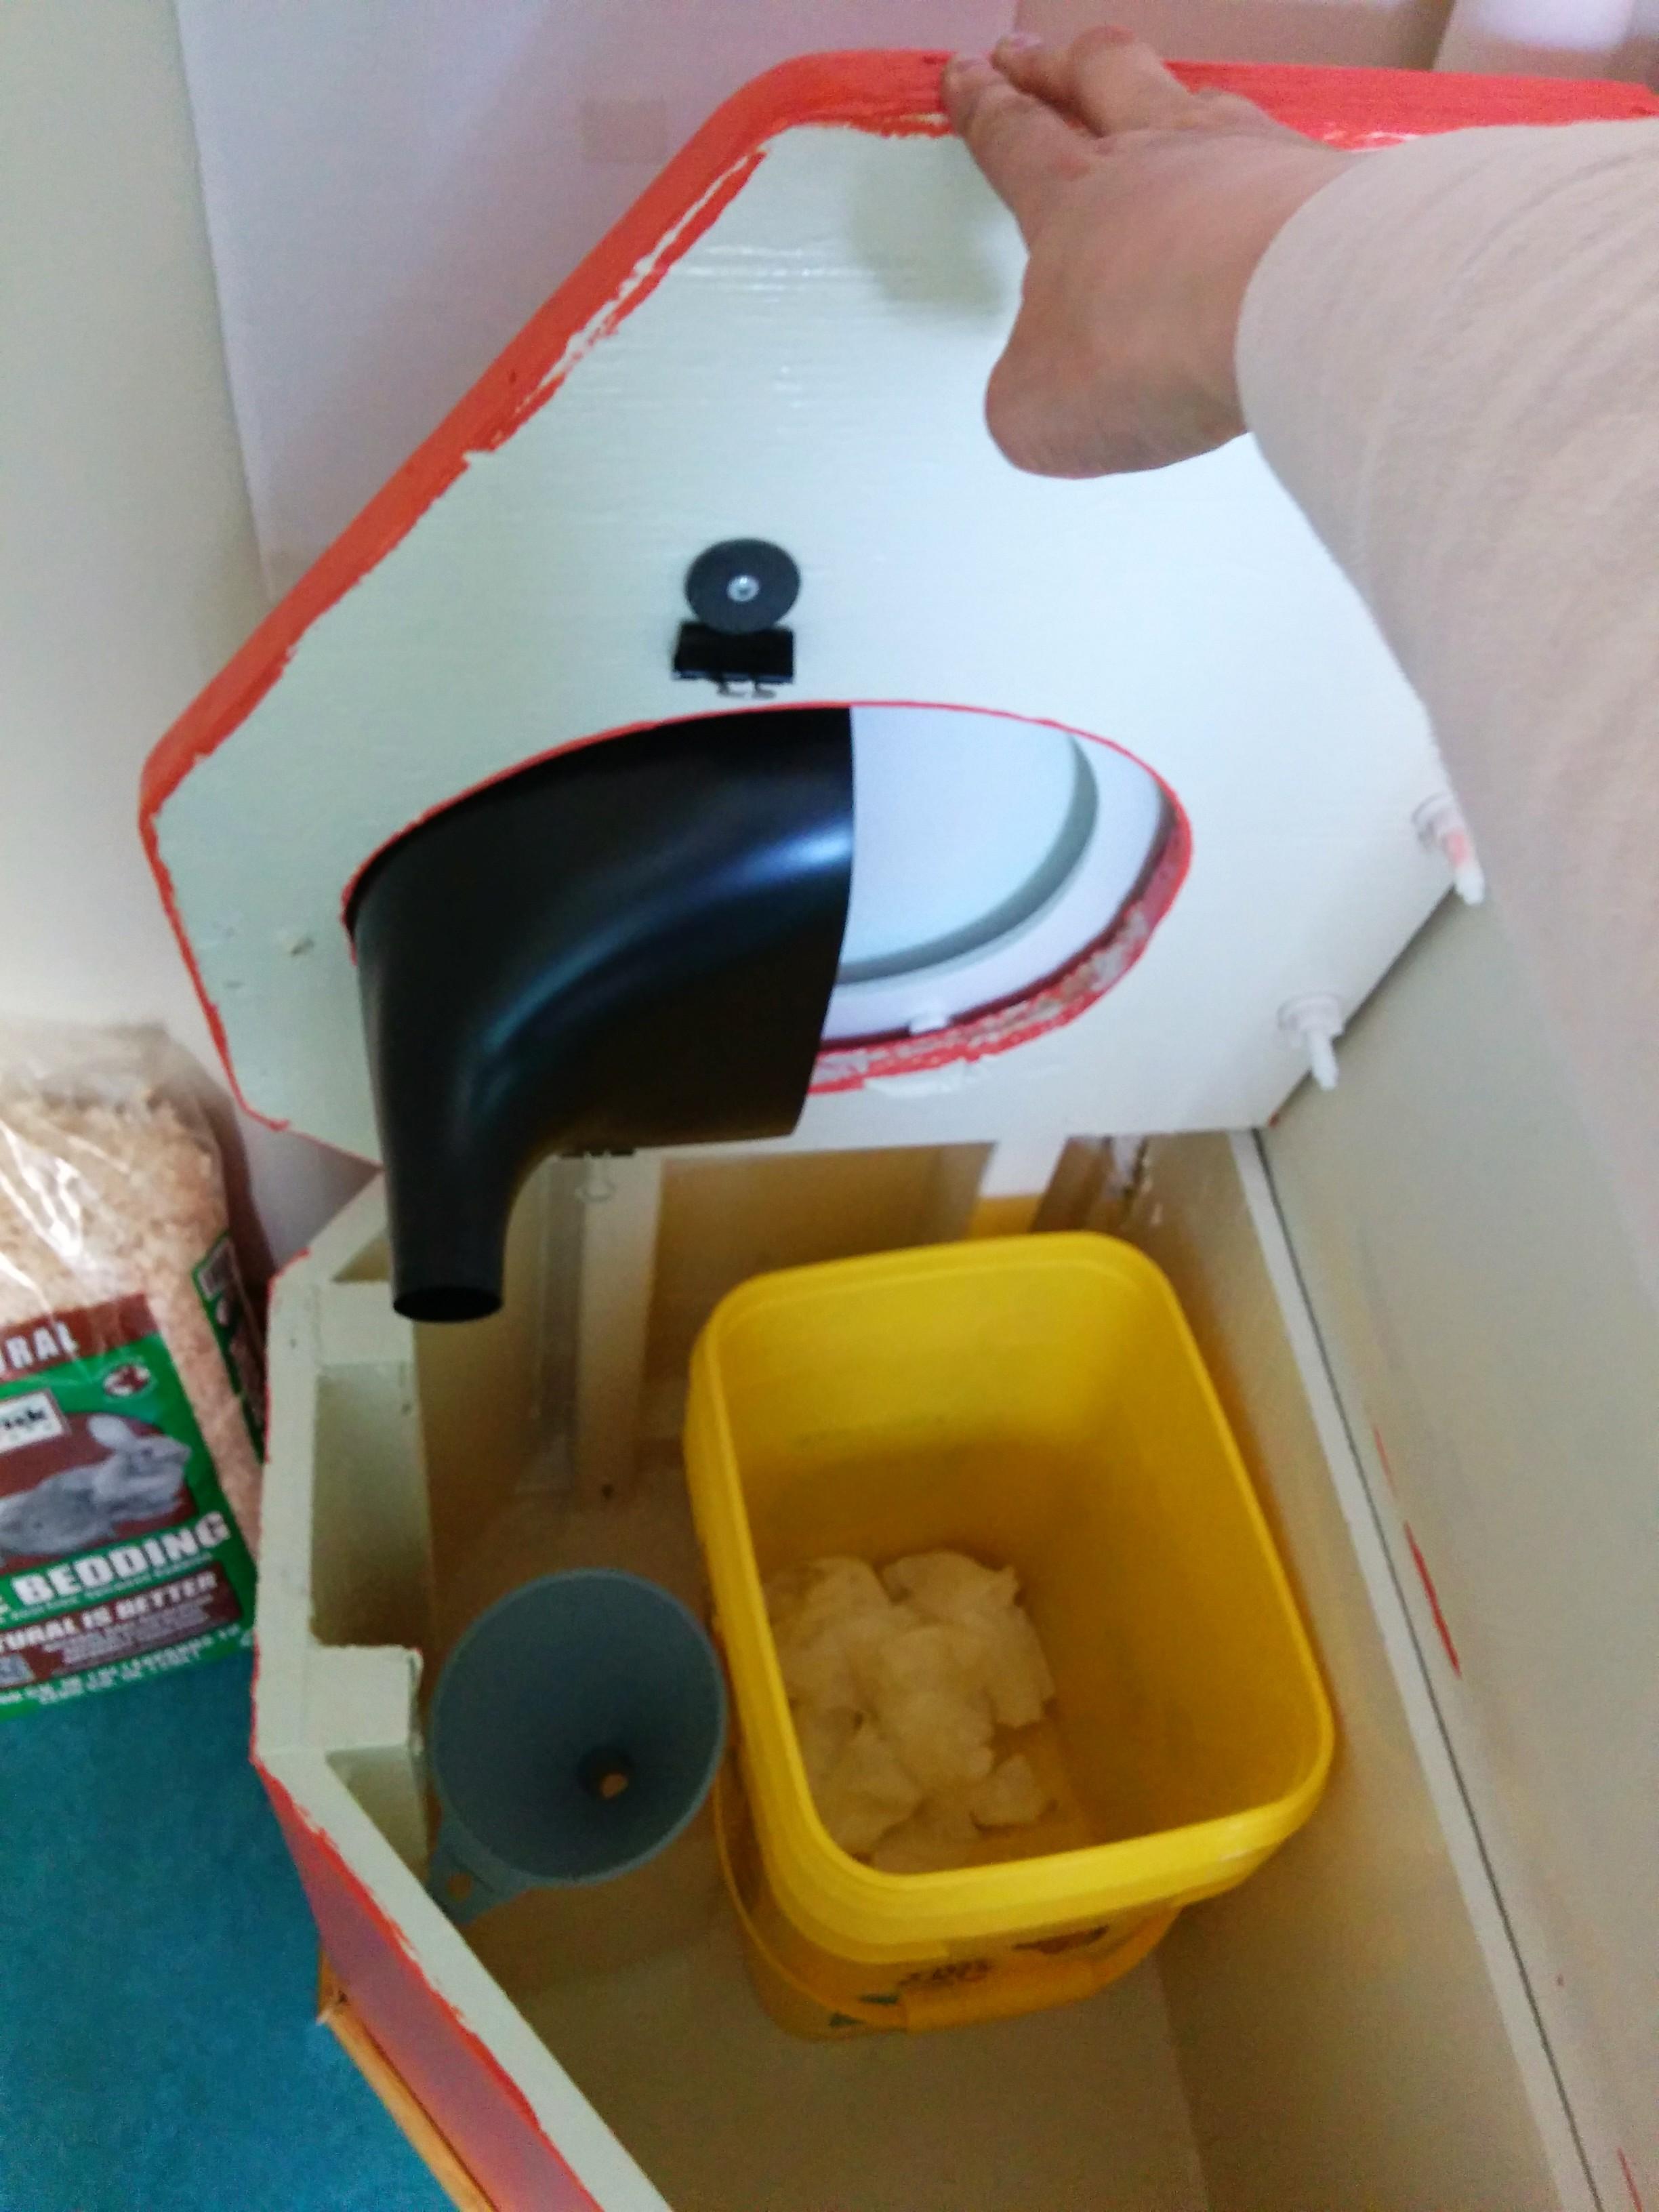 comet-composting-toilet.jpg